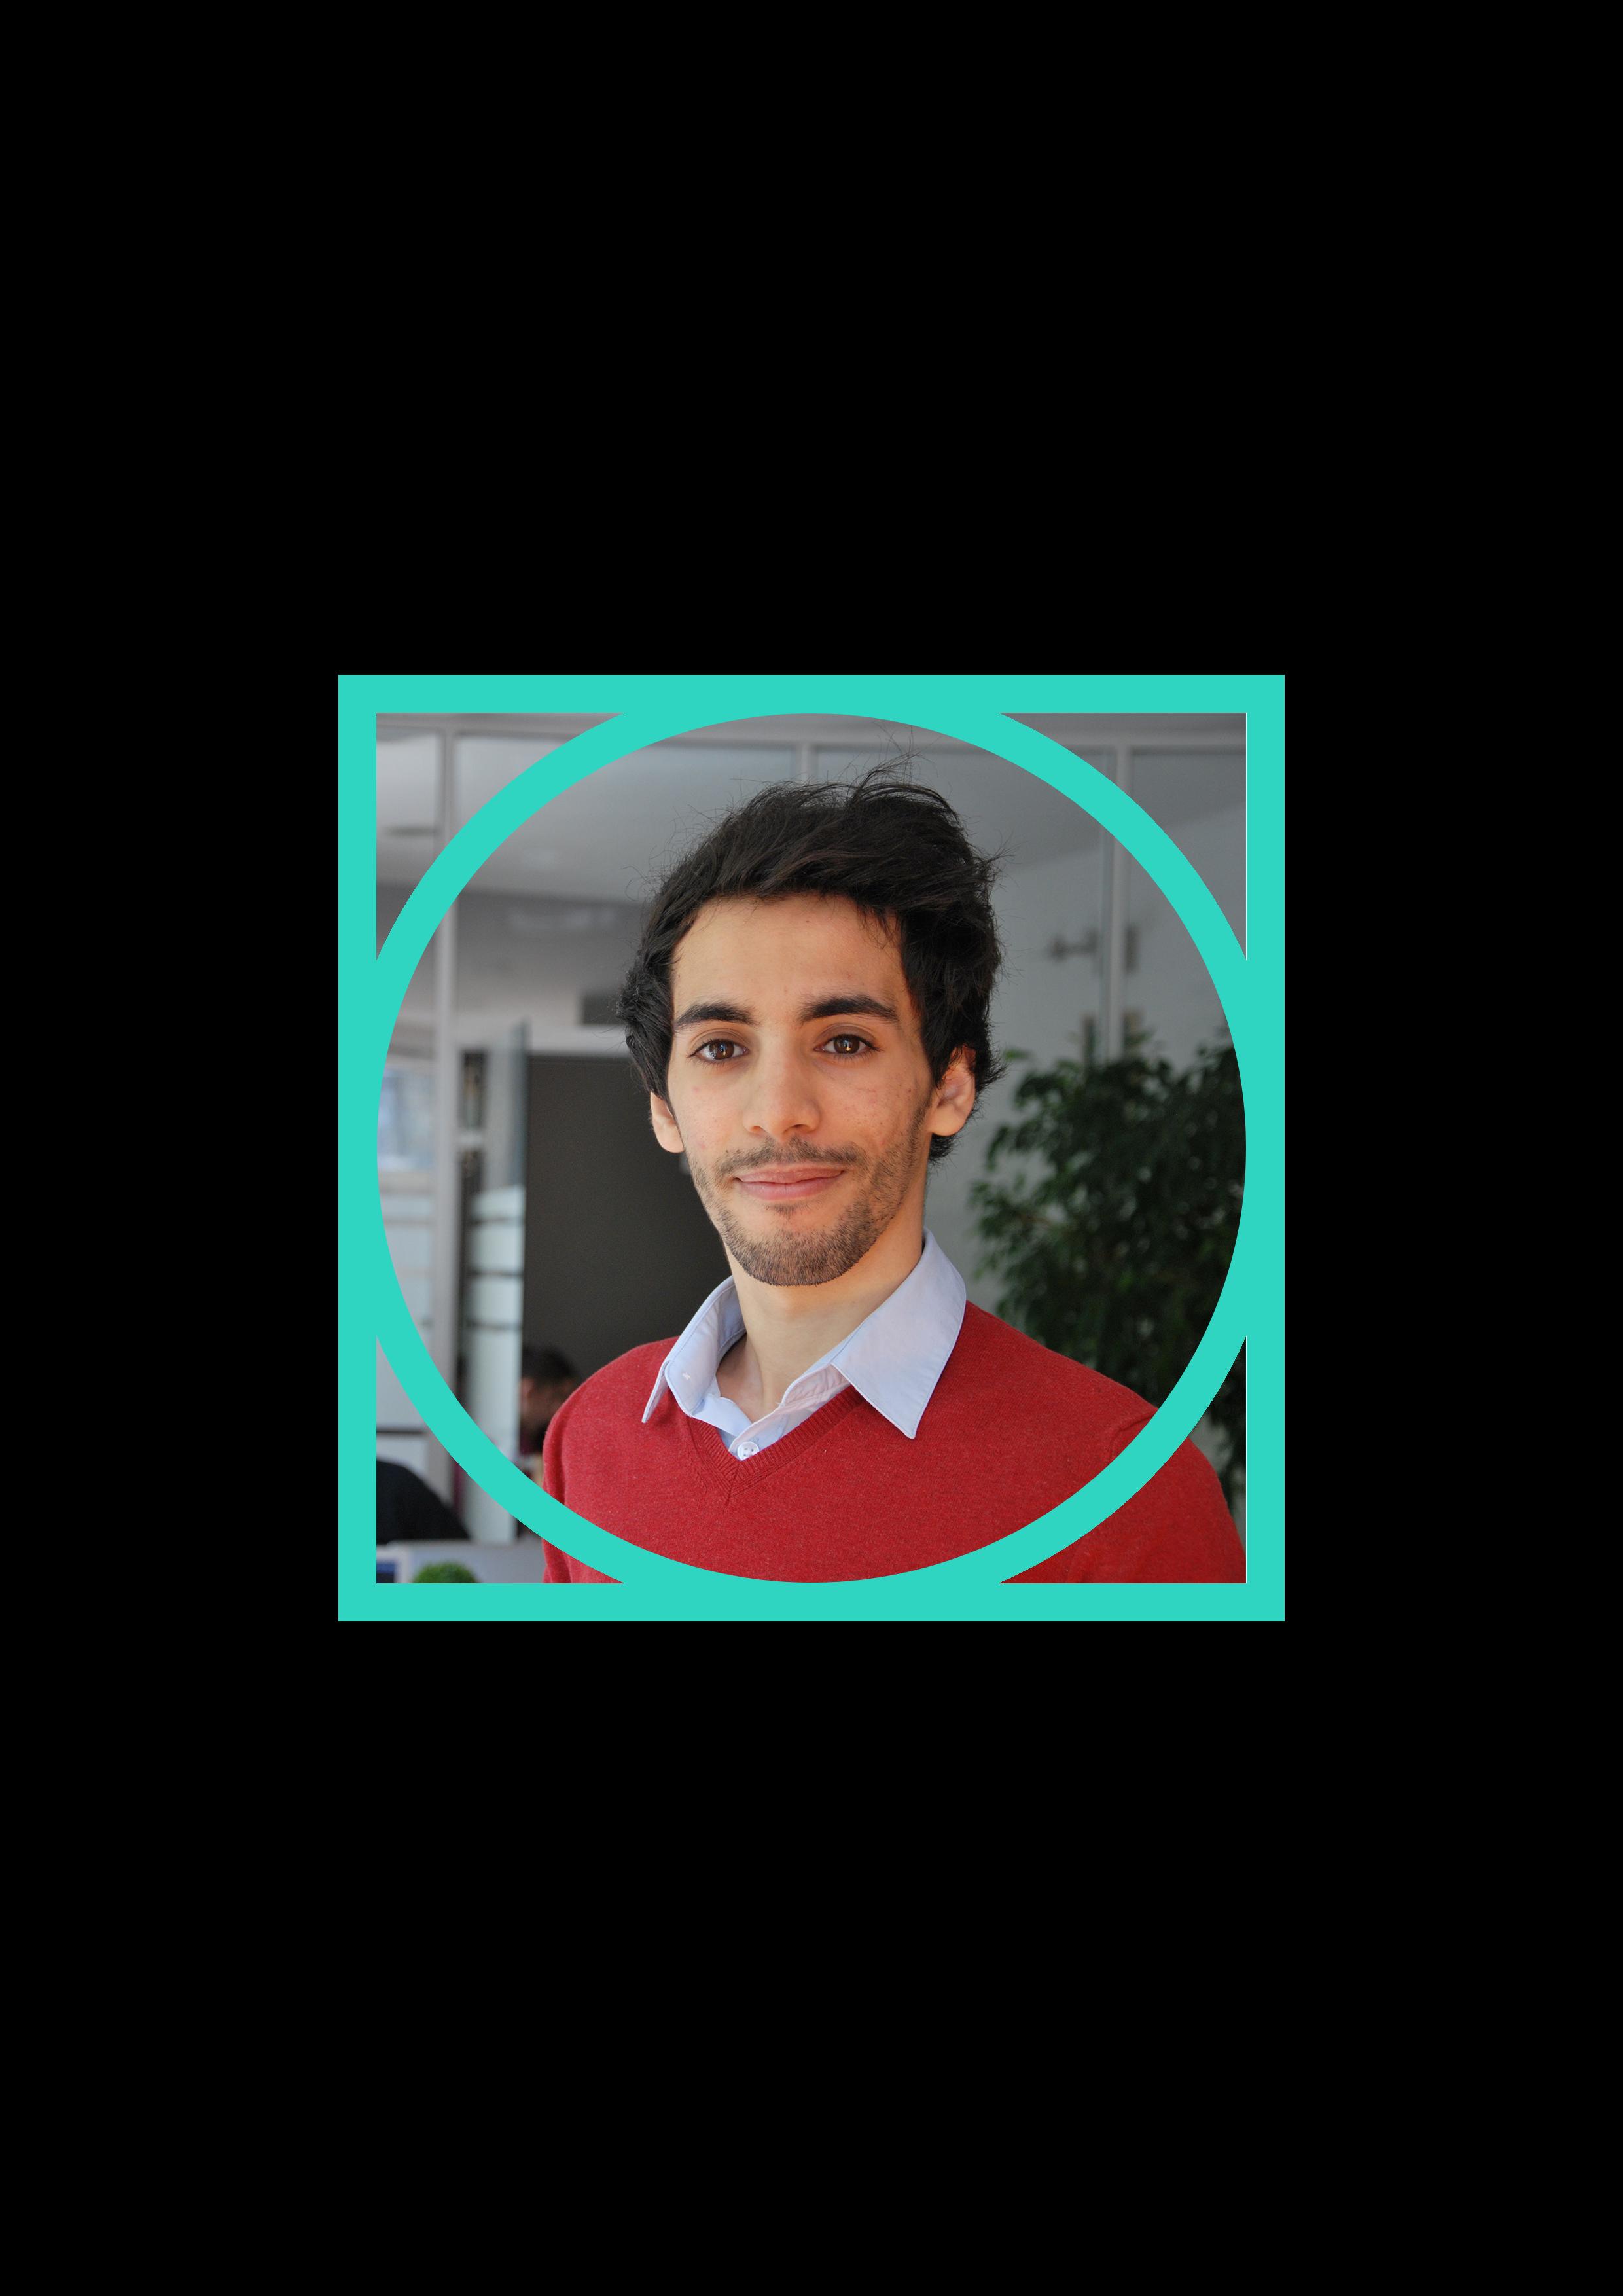 Stéphane - Community Manager   Le doyen des jeunes, animateur de notre communauté d'EXpanders ! Il est connu sous le nom de  leader . Son style social :  #sentinel #defender   Suivez son parcours sur  LinkedIn  !  #community #communication #iicp